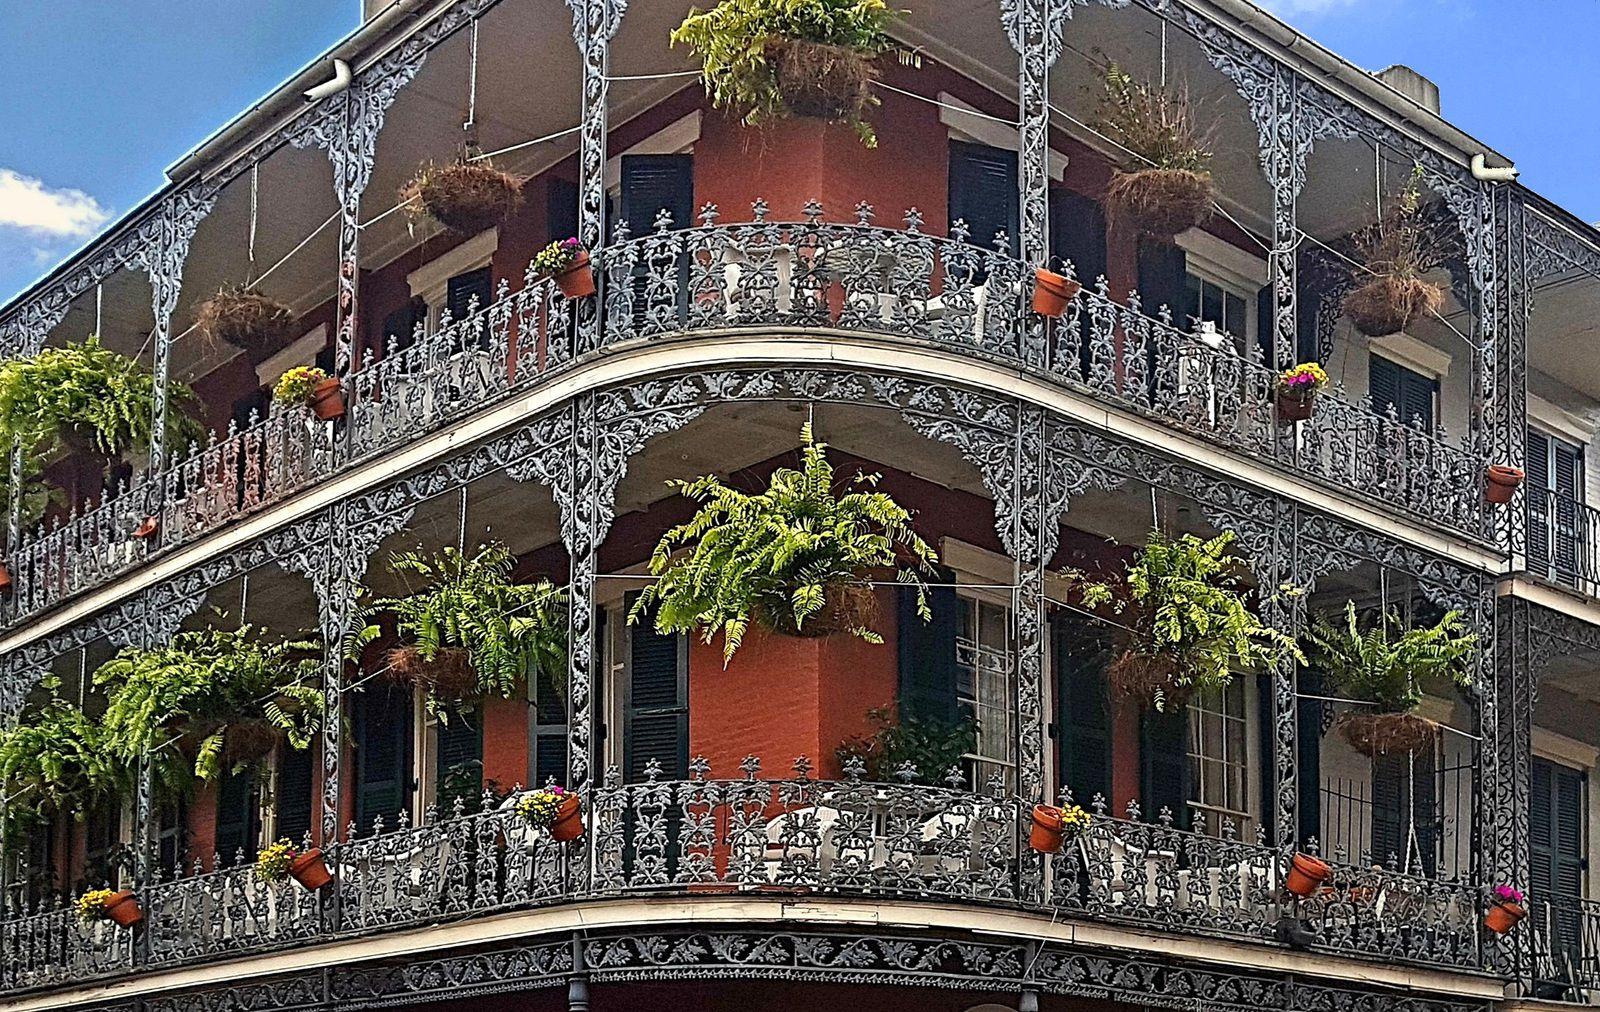 Nola LaBranche House balcon